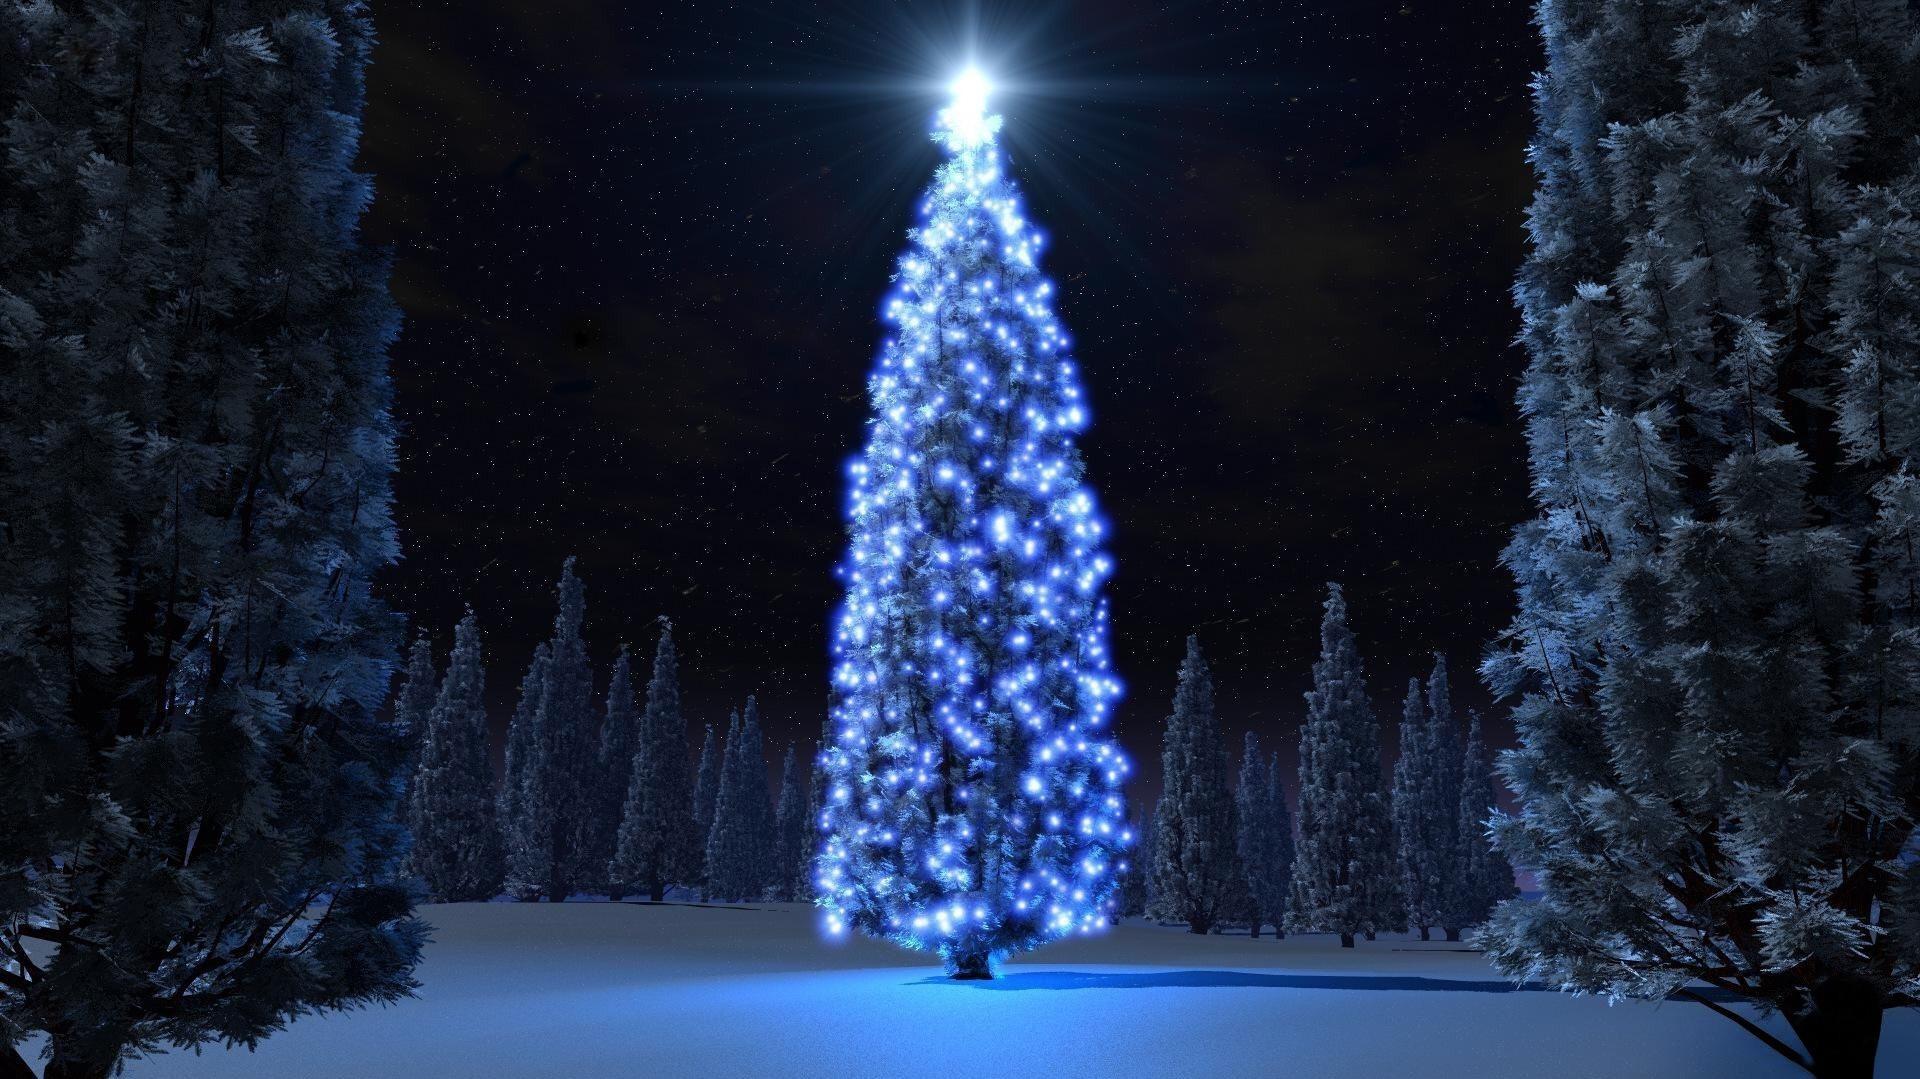 Choisissez ces couleurs aussi pour votre arbre de Noël dans la cour.